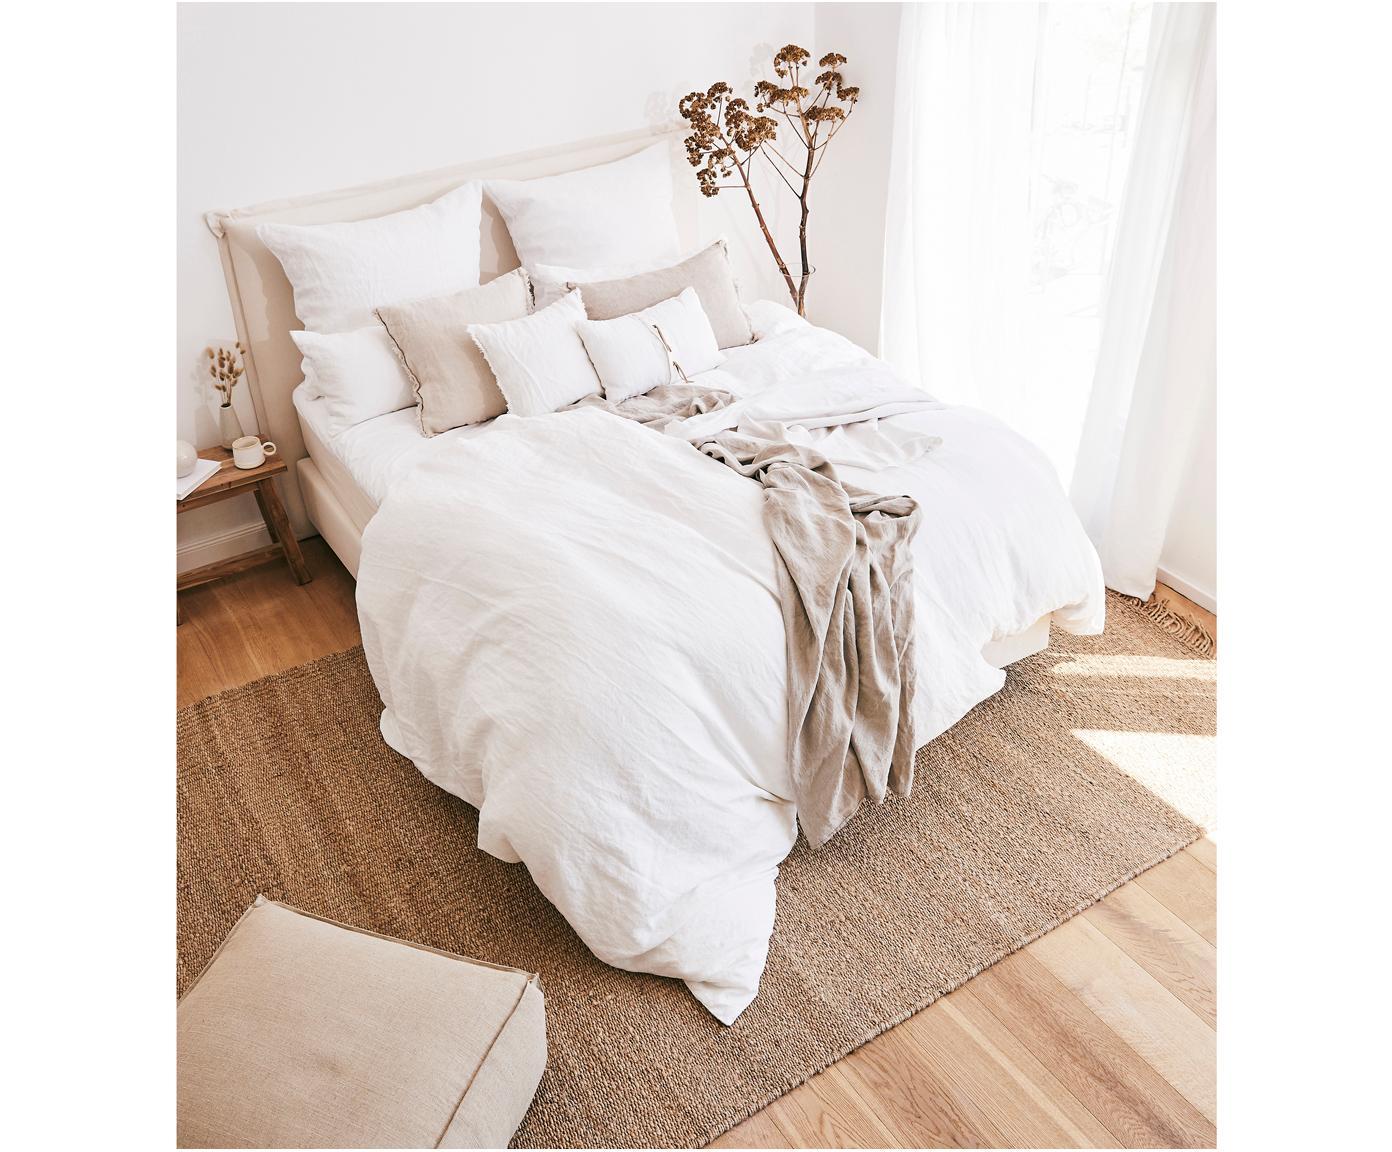 Gewaschene Leinen-Bettwäsche Nature in Weiß, Halbleinen (52% Leinen, 48% Baumwolle)  Fadendichte 108 TC, Standard Qualität  Halbleinen hat von Natur aus einen kernigen Griff und einen natürlichen Knitterlook, der durch den Stonewash-Effekt verstärkt wird. Es absorbiert bis zu 35% Luftfeuchtigkeit, trocknet sehr schnell und wirkt in Sommernächten angenehm kühlend. Die hohe Reißfestigkeit macht Halbleinen scheuerfest und strapazierfähig., Weiß, 155 x 220 cm + 1 Kissen 80 x 80 cm